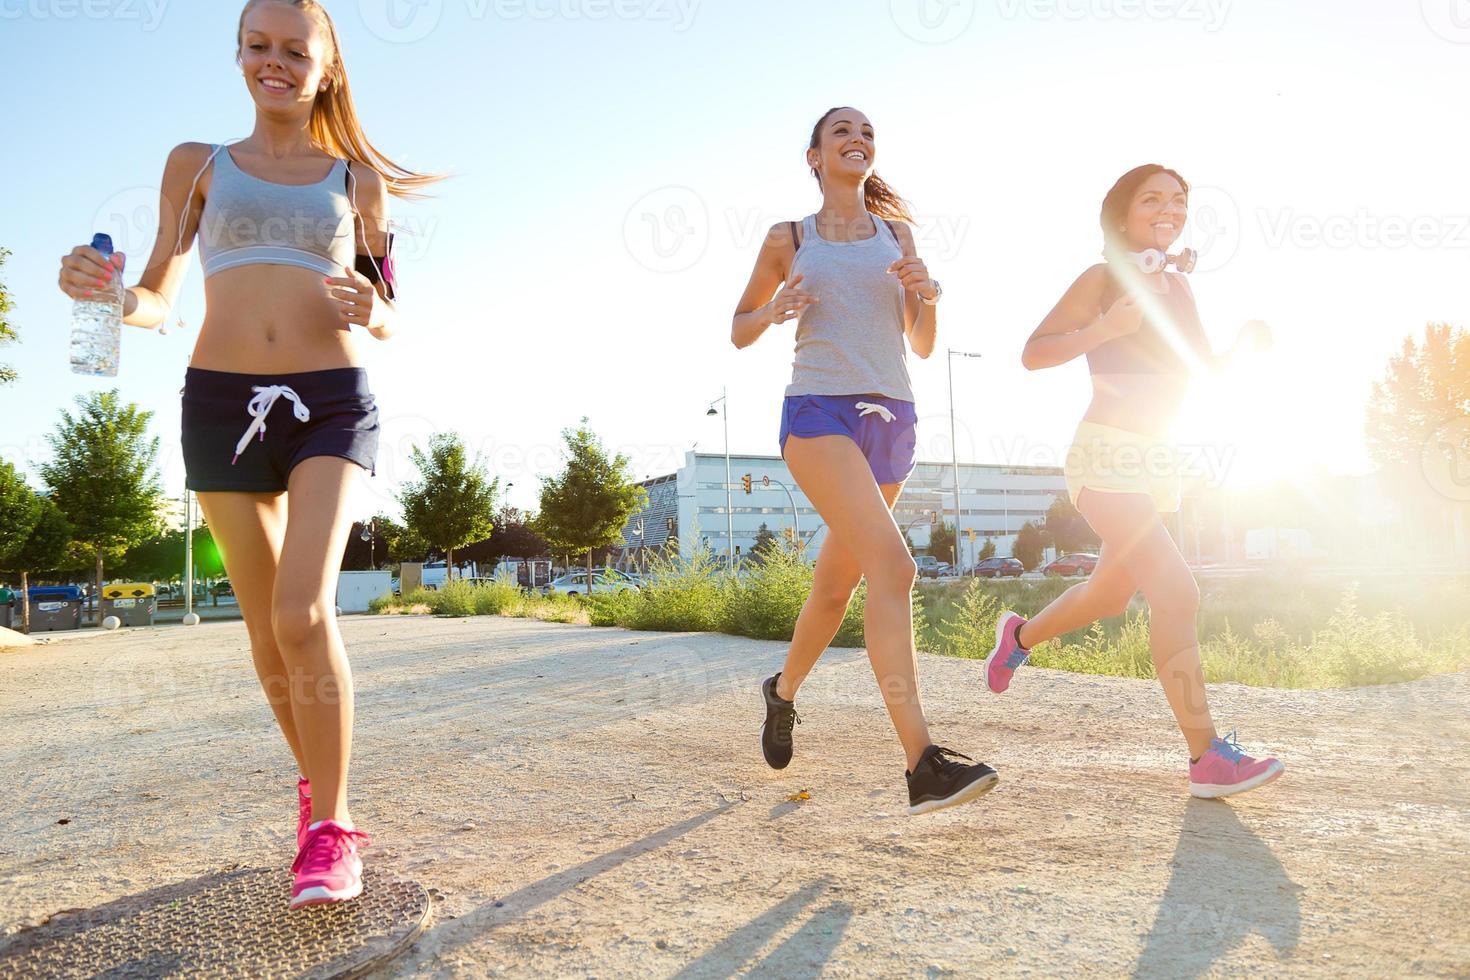 gruppo di donne che corrono nel parco. foto